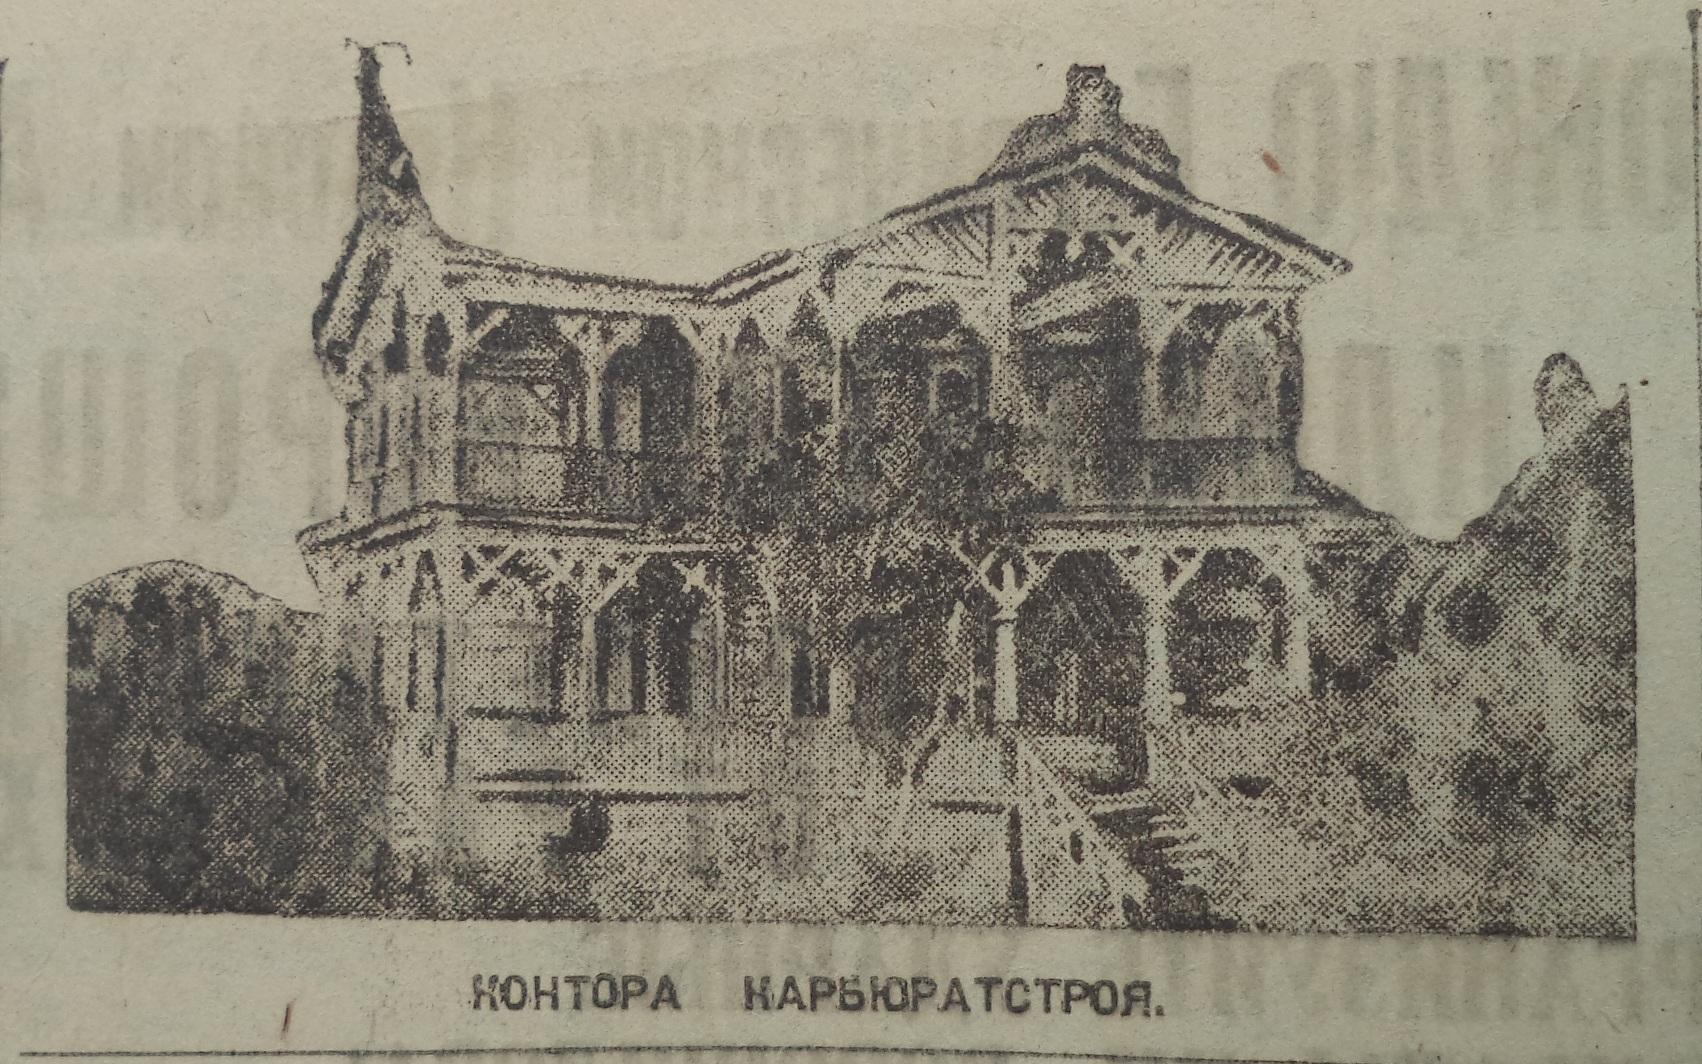 Ново-Садовая-ФОТО-45-РабСам-1931-09-14-фото конторы КАТЭК